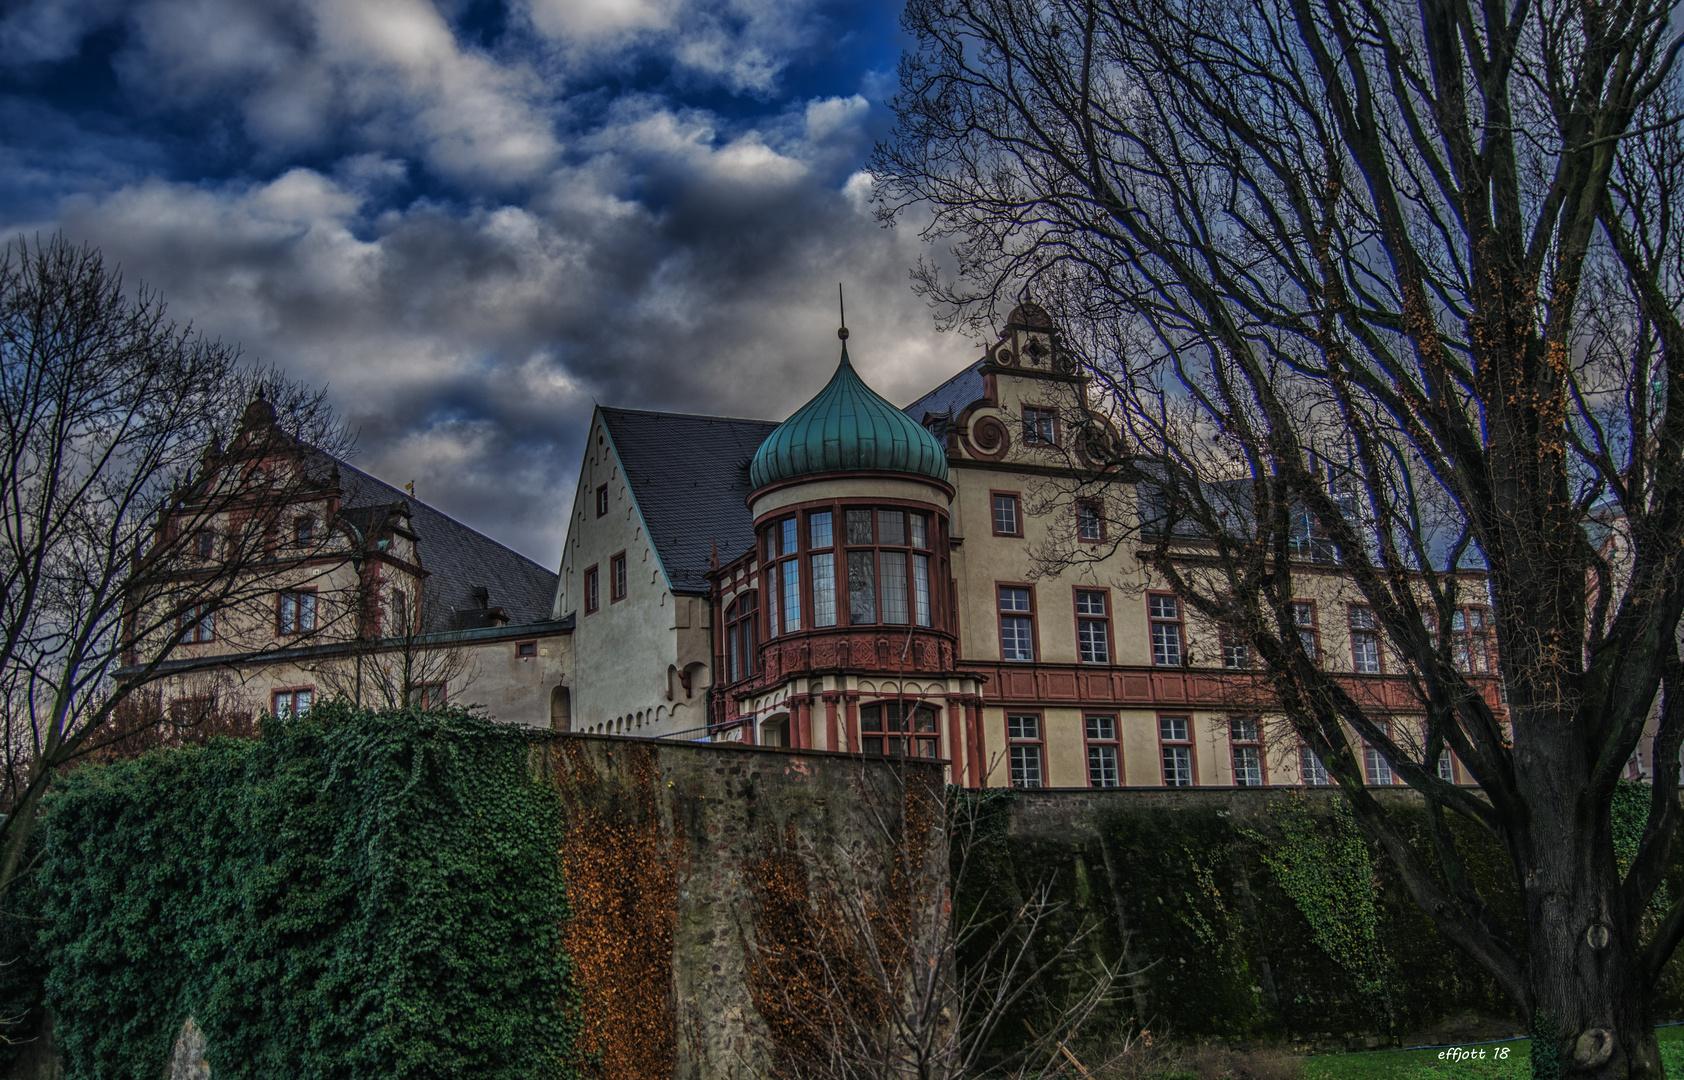 Residenzschloss, Darmstadt